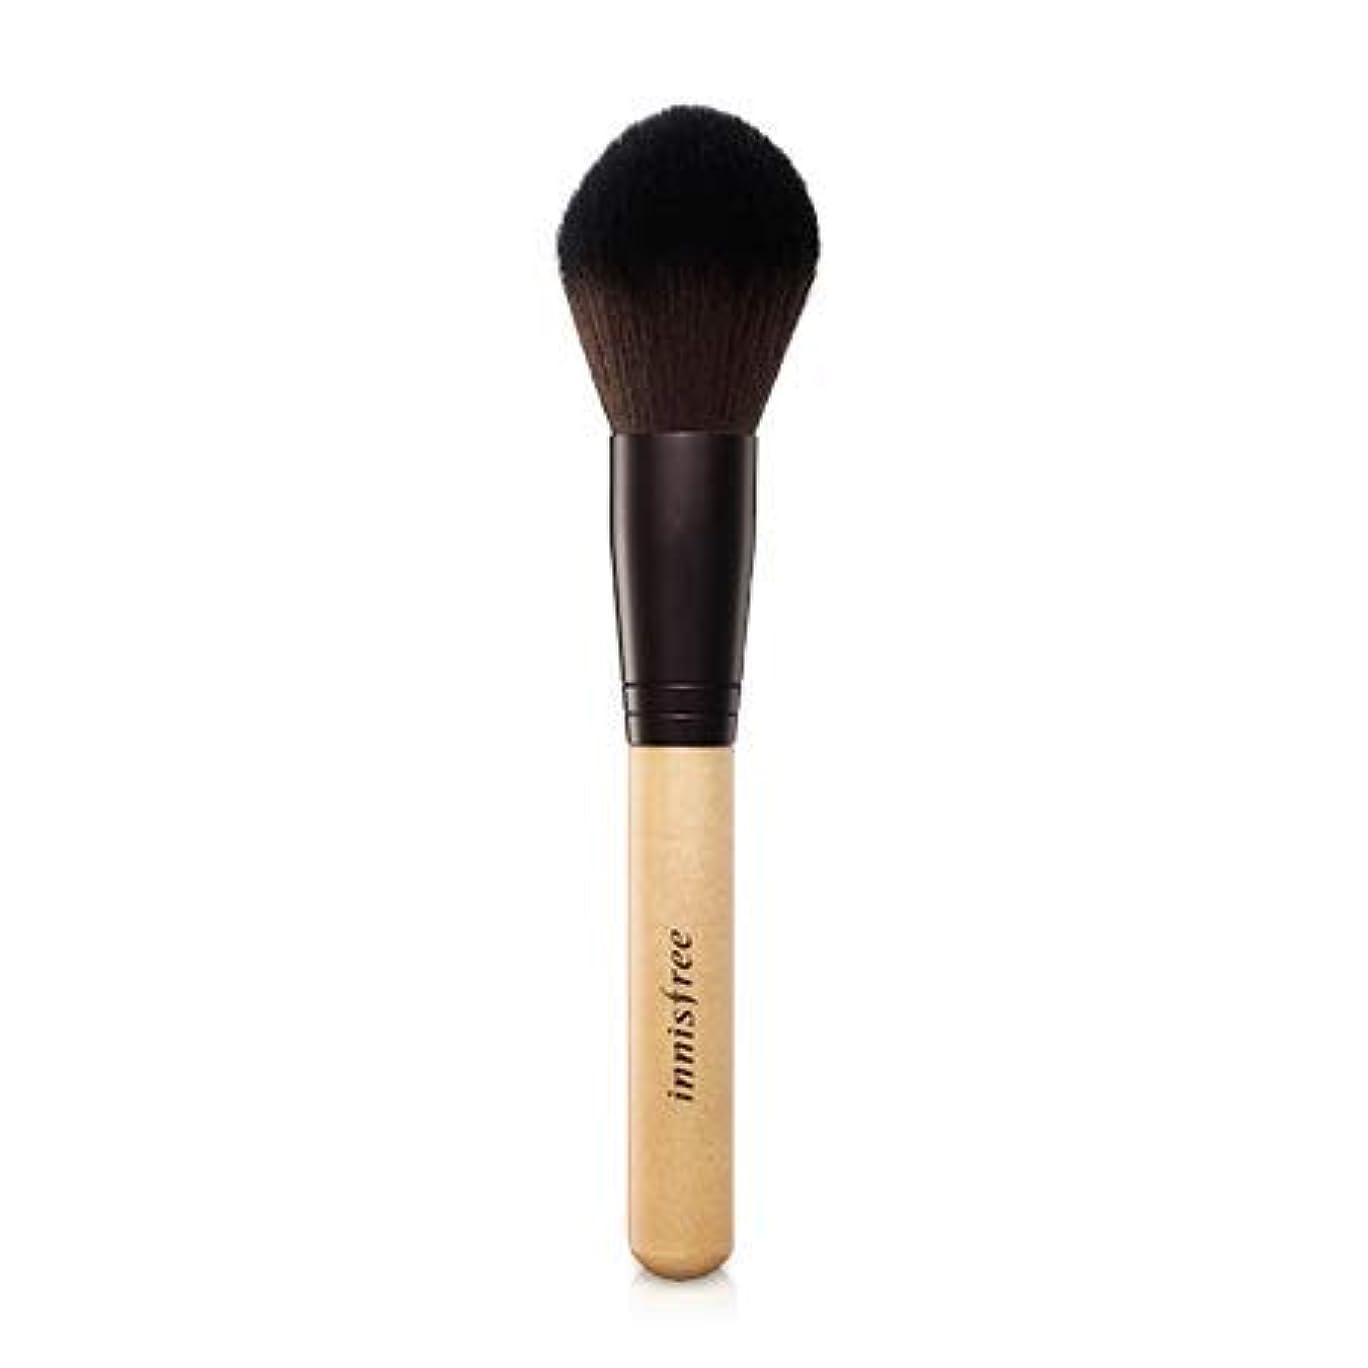 仲良し解読する爆発する[イニスフリー.innisfree]ビューティーツールマスターパウダーブラシ/Beauty Tool Master Powder Brush